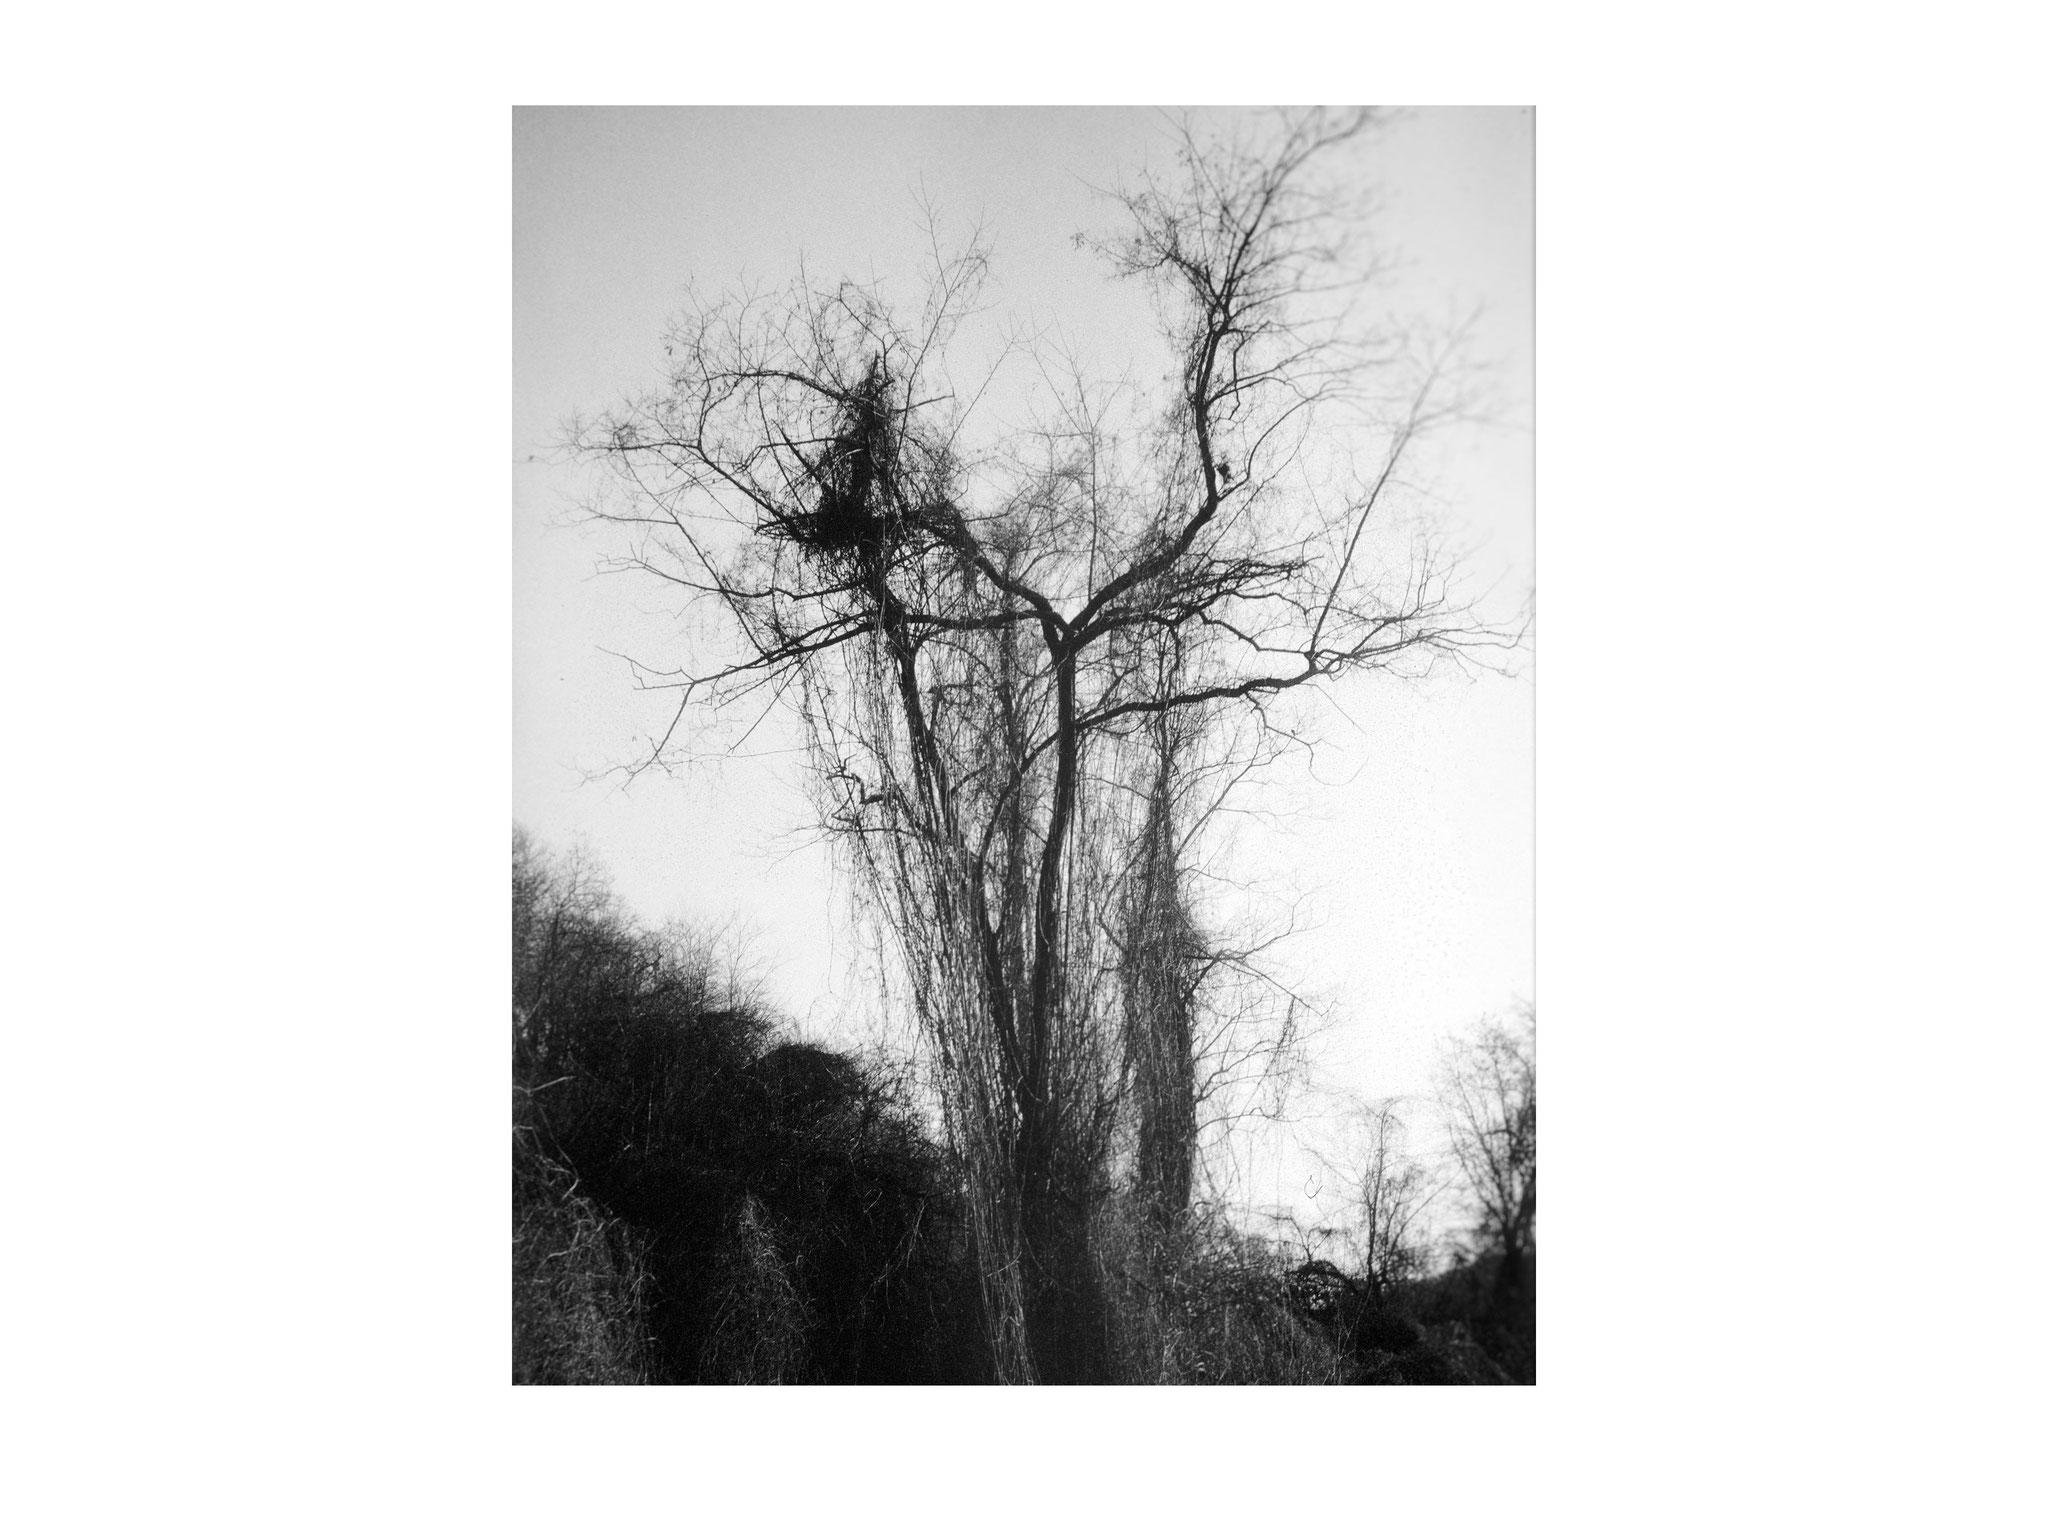 Der umschlungene Baum 1